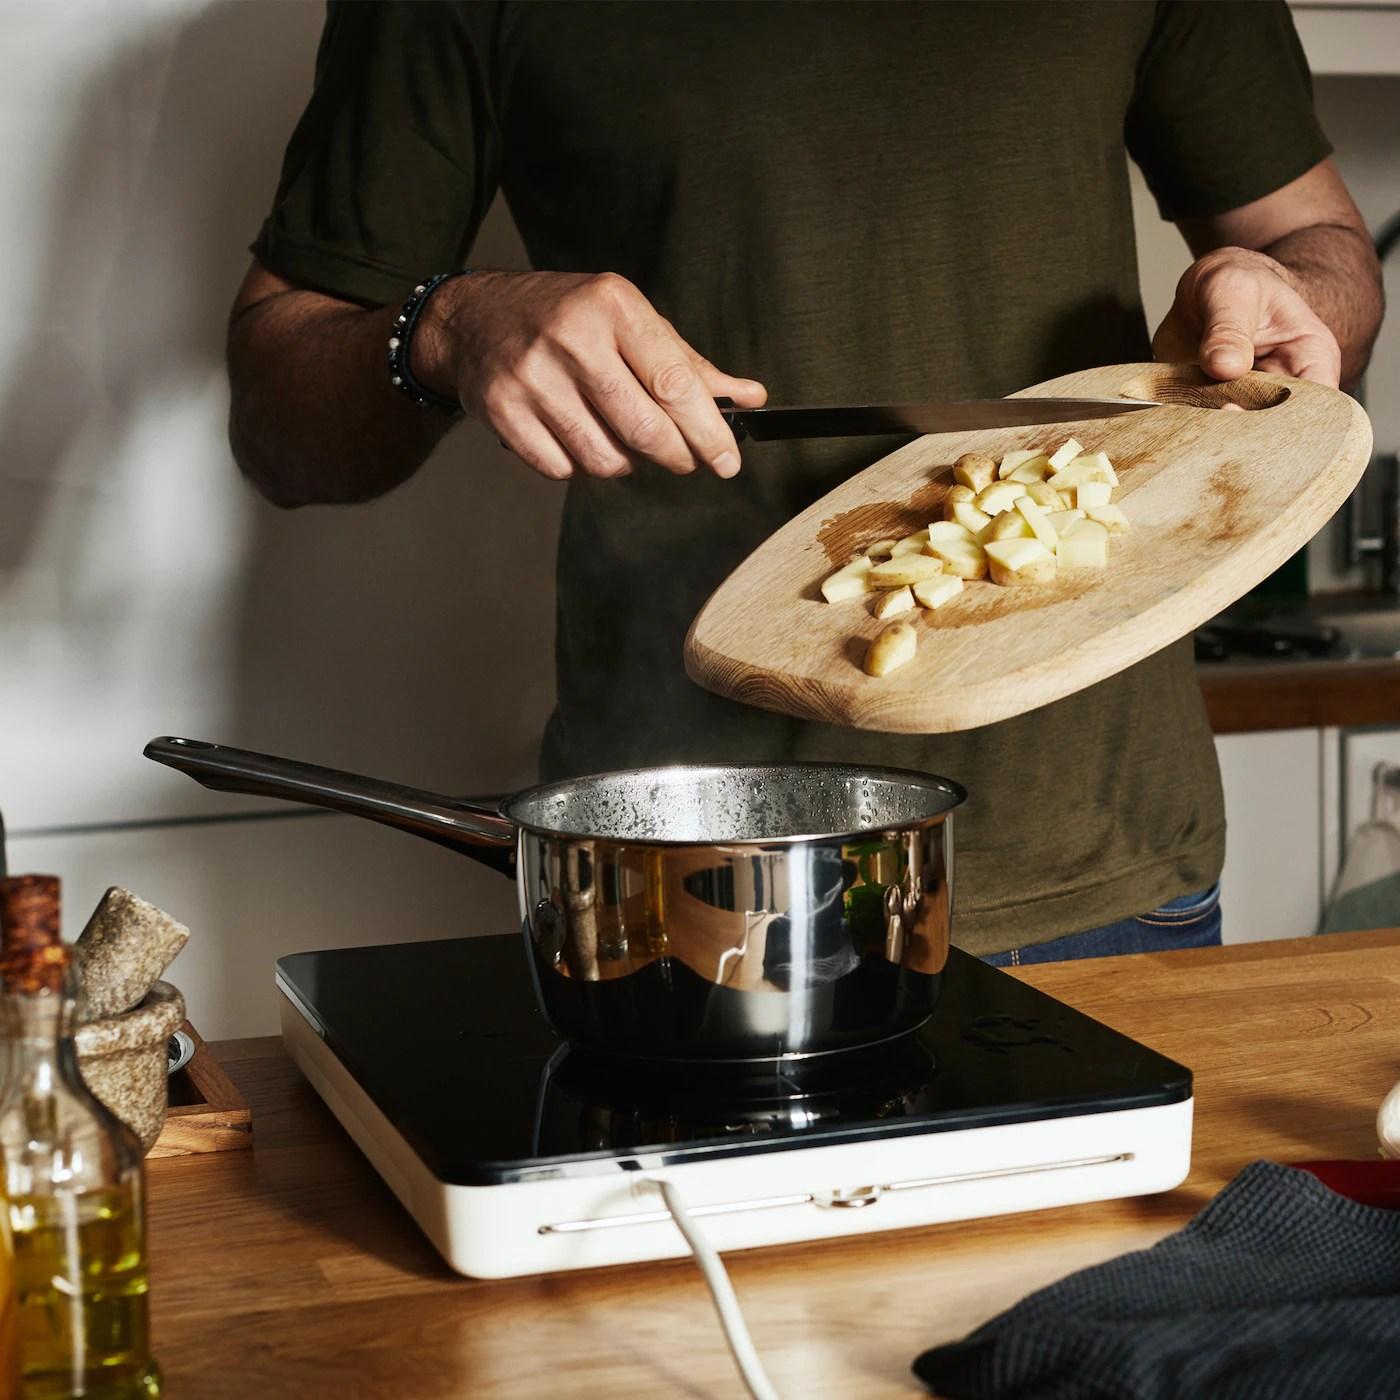 tables de cuisson a induction a gaz et